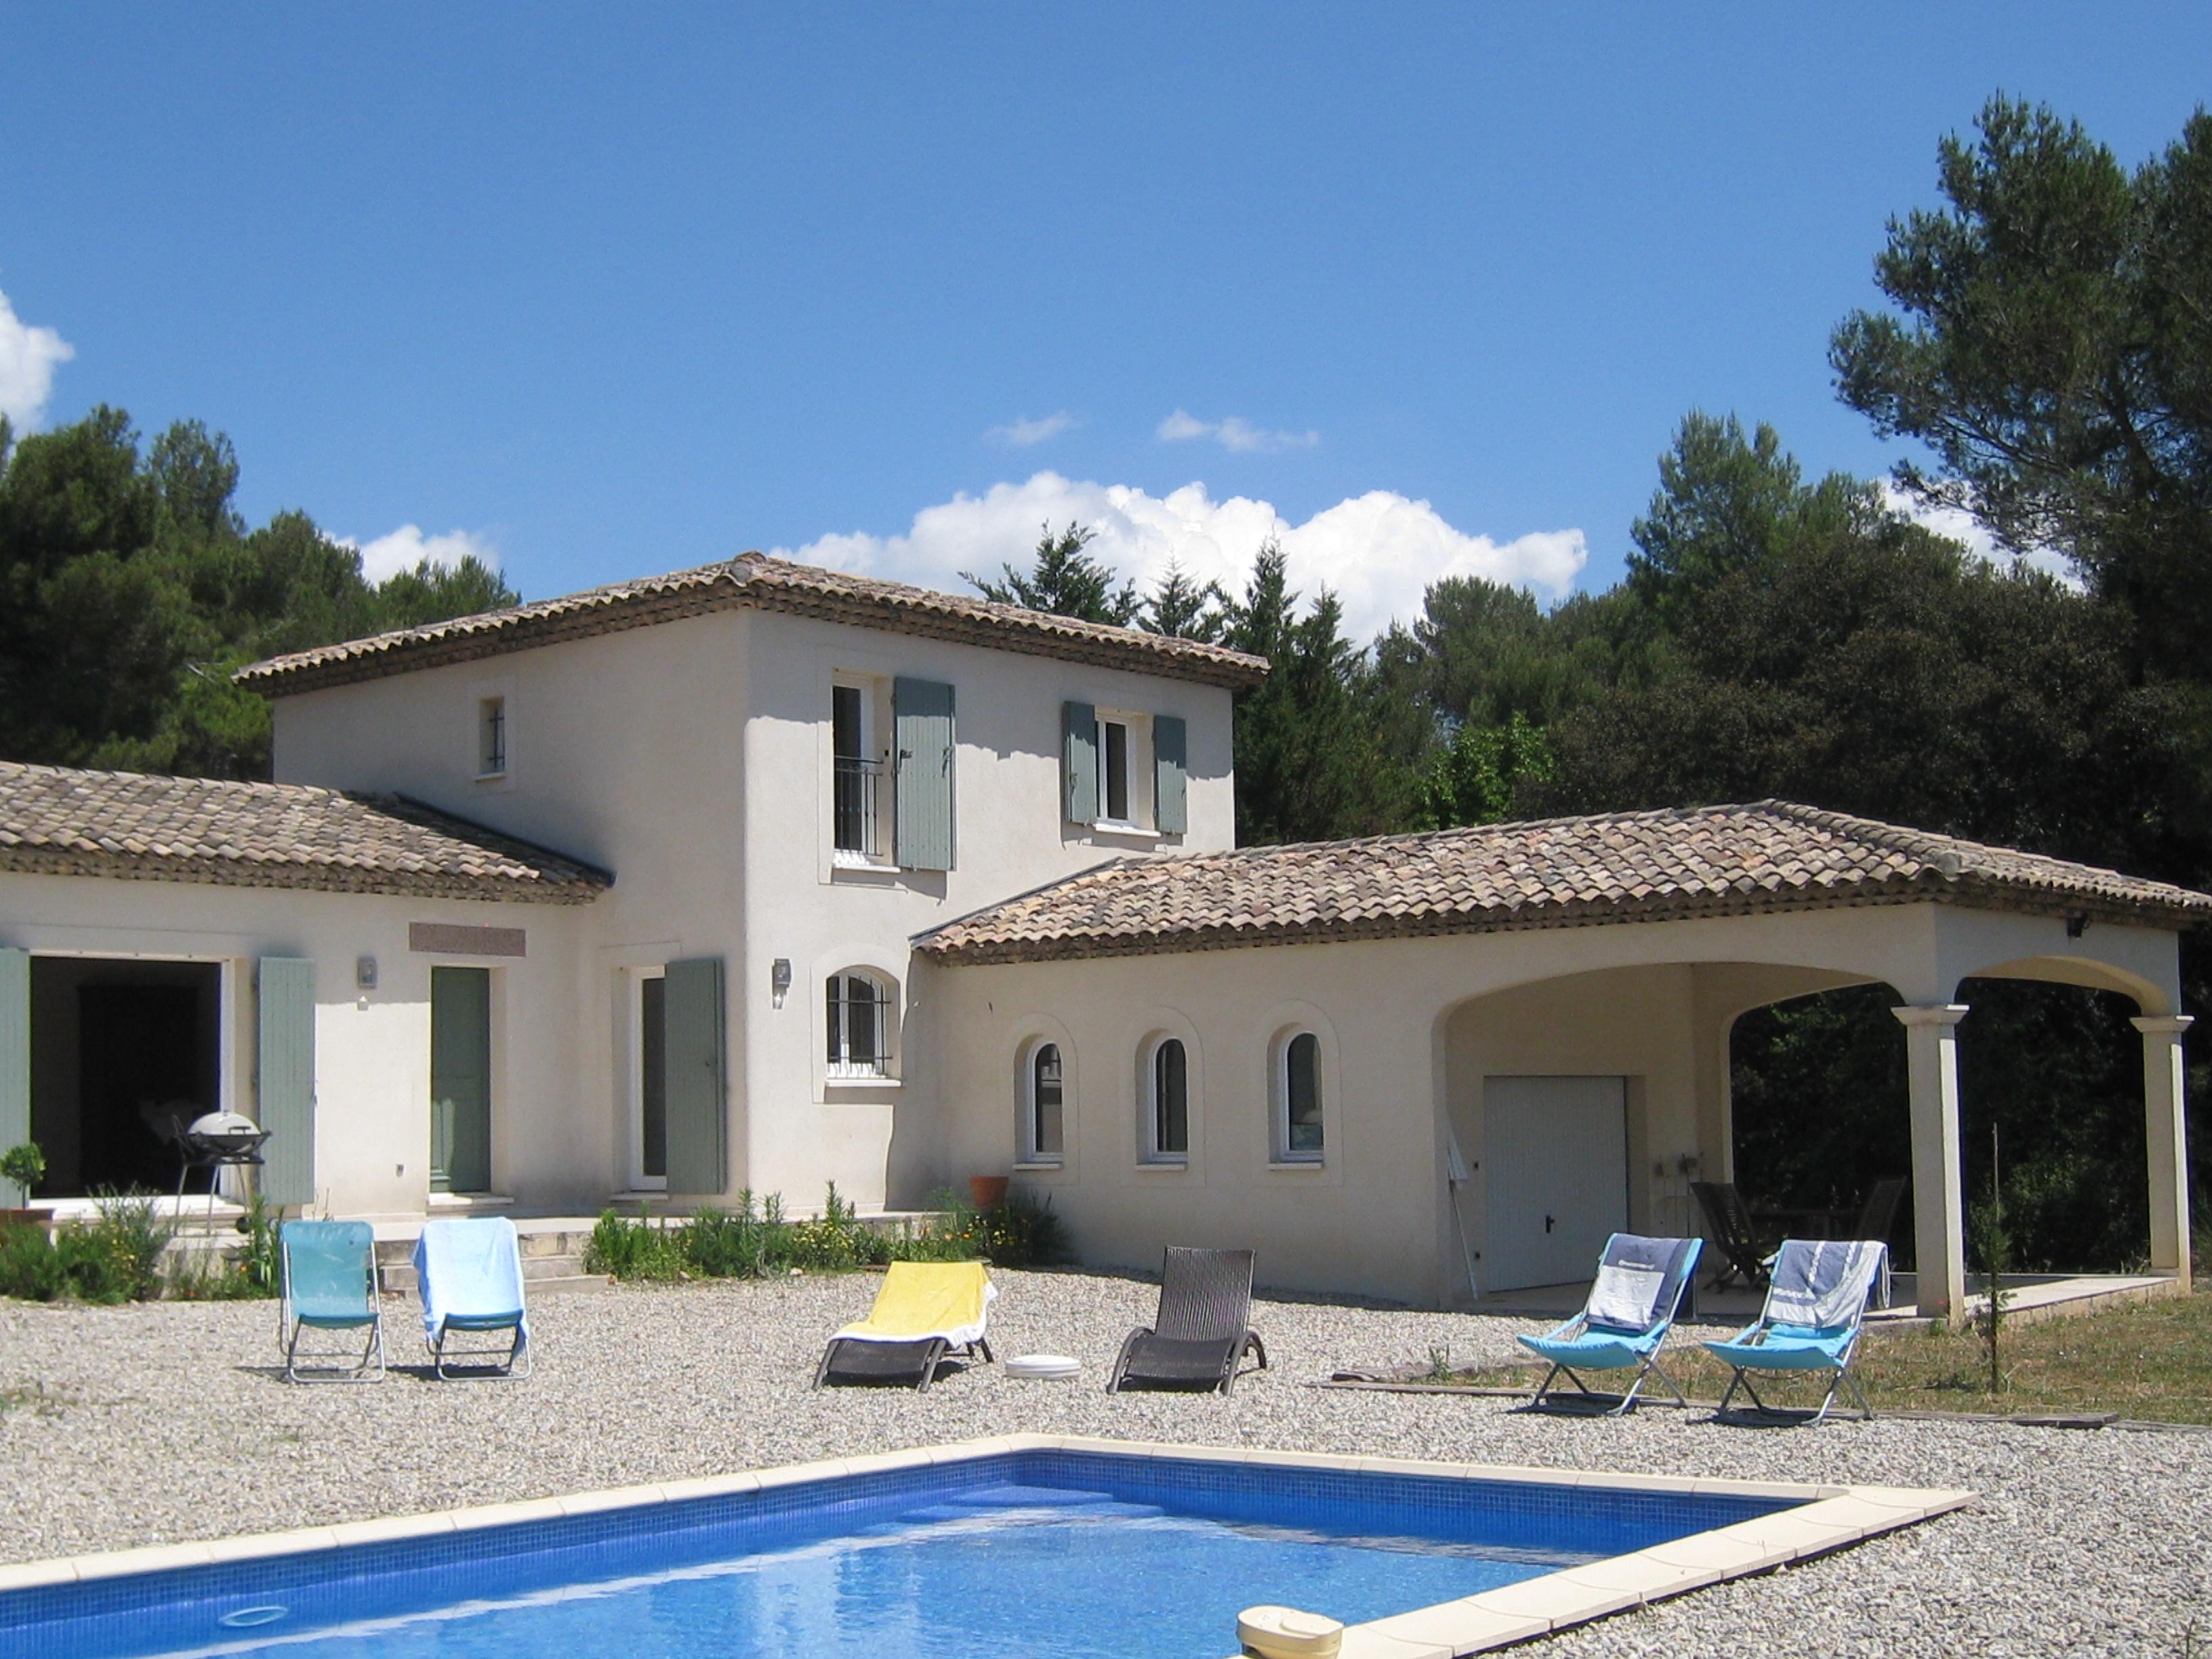 Maison Aix-en-provence - 8 personnes - location vacances  n�56386